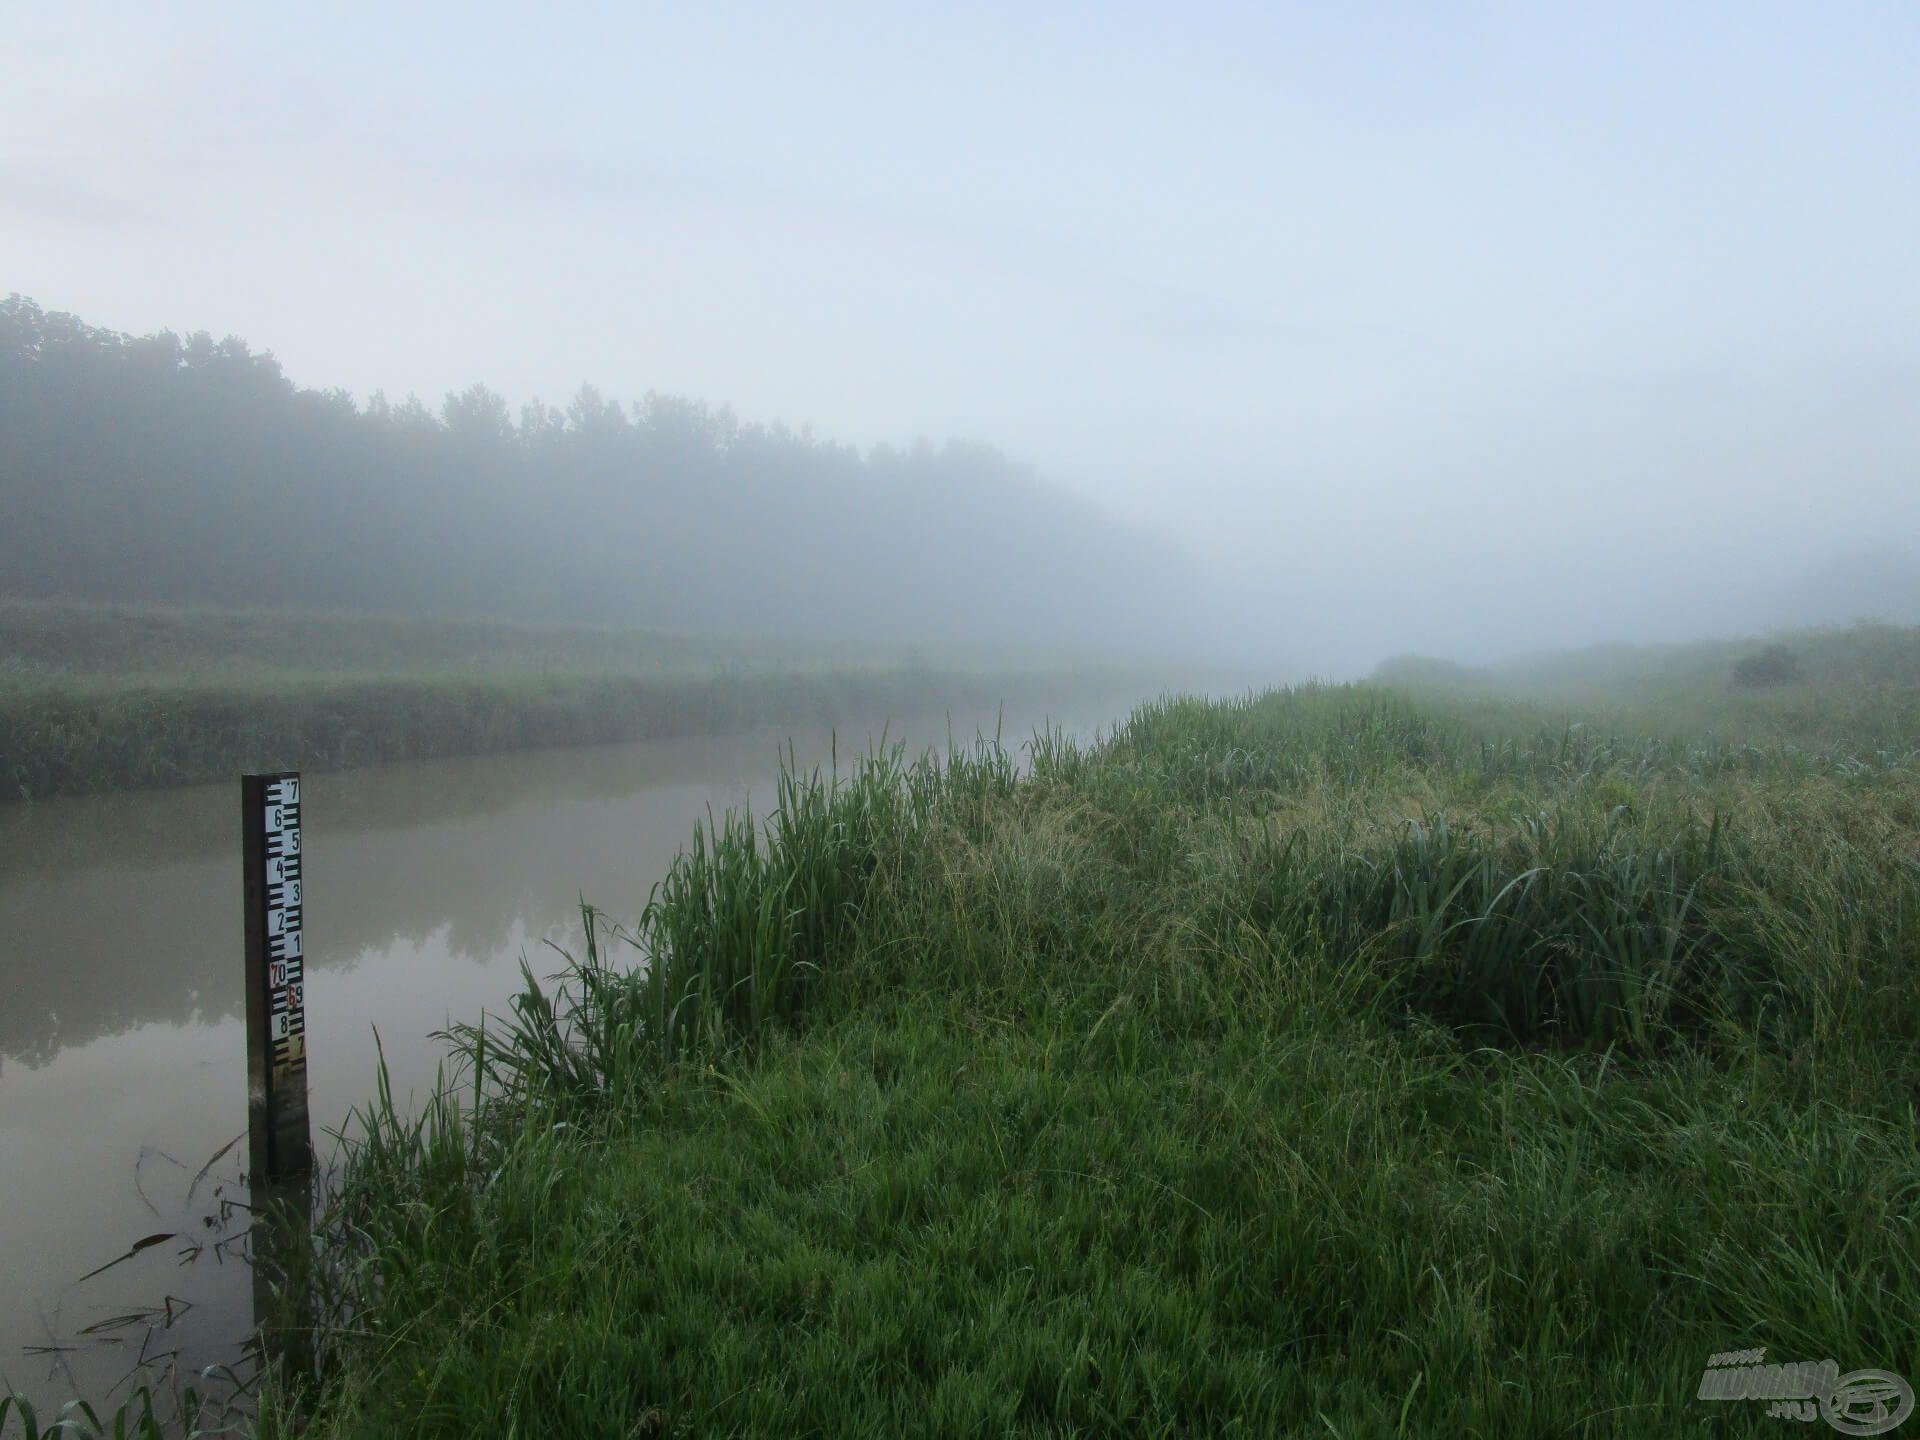 Egy hét múlva ismét hajnalban keltett az ébresztő. Jöhet a visszavágó, horgászatra fel!